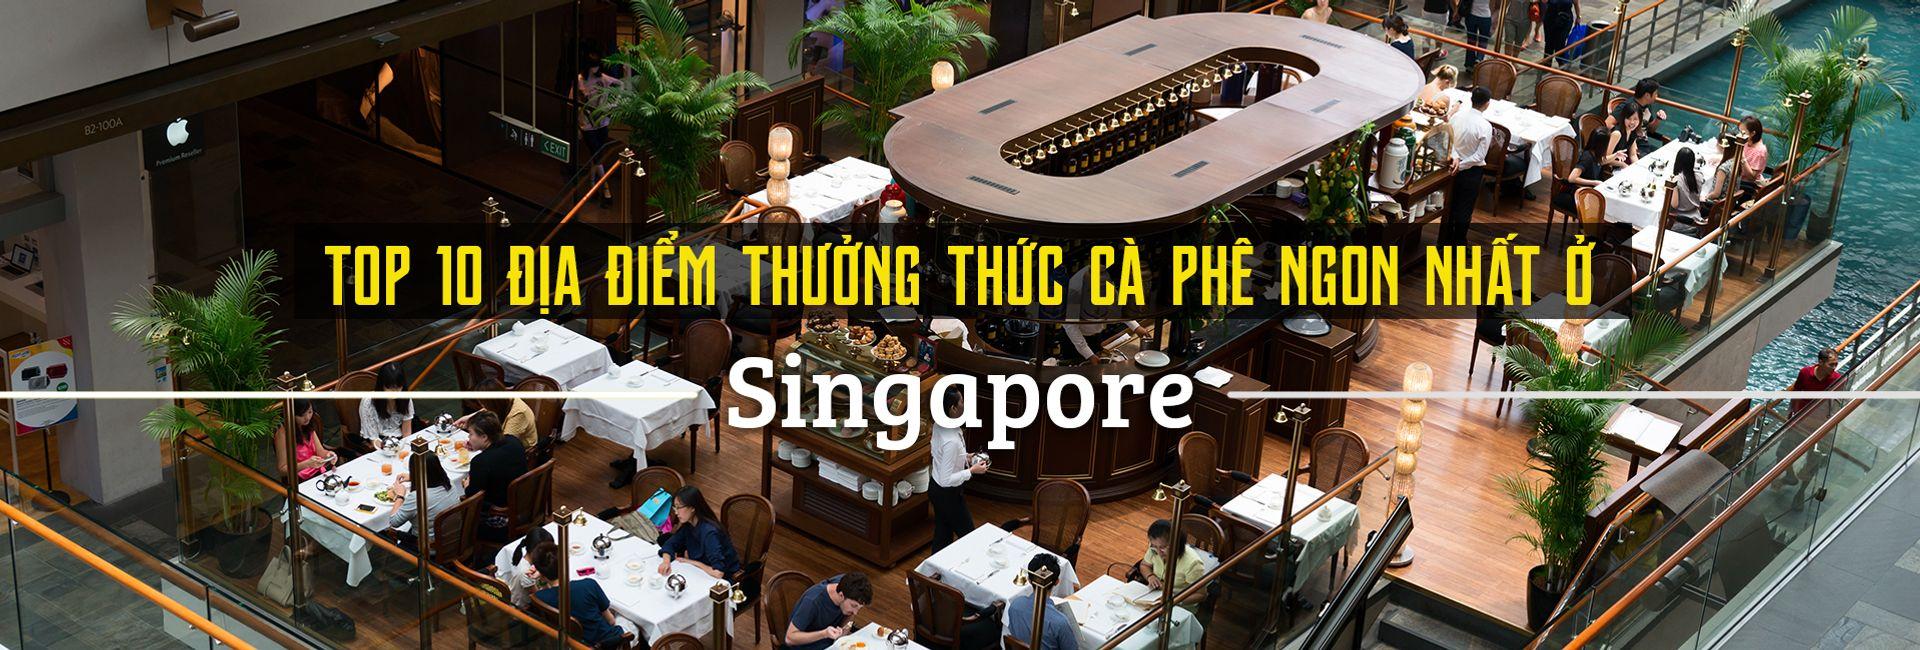 Top 10 địa điểm thưởng thức cà phê ngon nhất Singapore